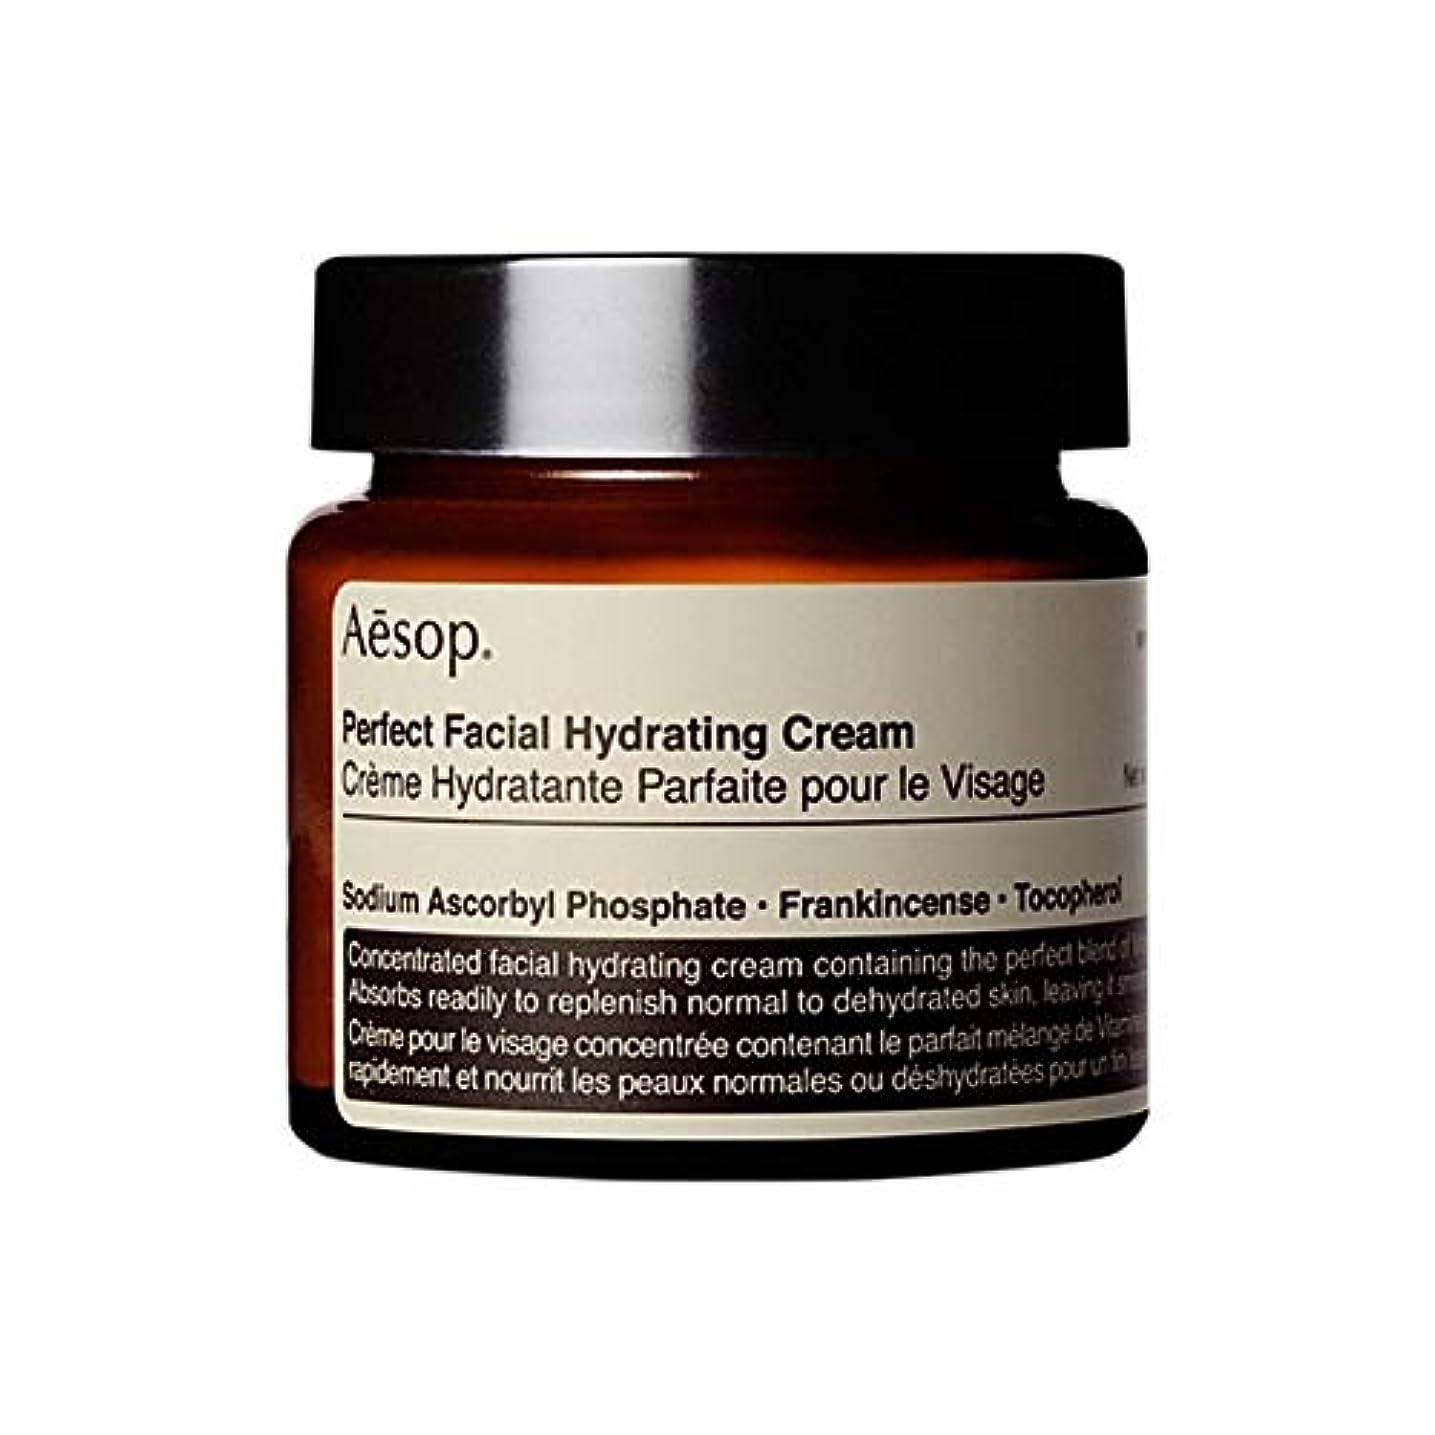 教えて甘くする清める[Aesop] イソップ完璧な顔の水和クリーム60ミリリットル - Aesop Perfect Facial Hydrating Cream 60ml [並行輸入品]